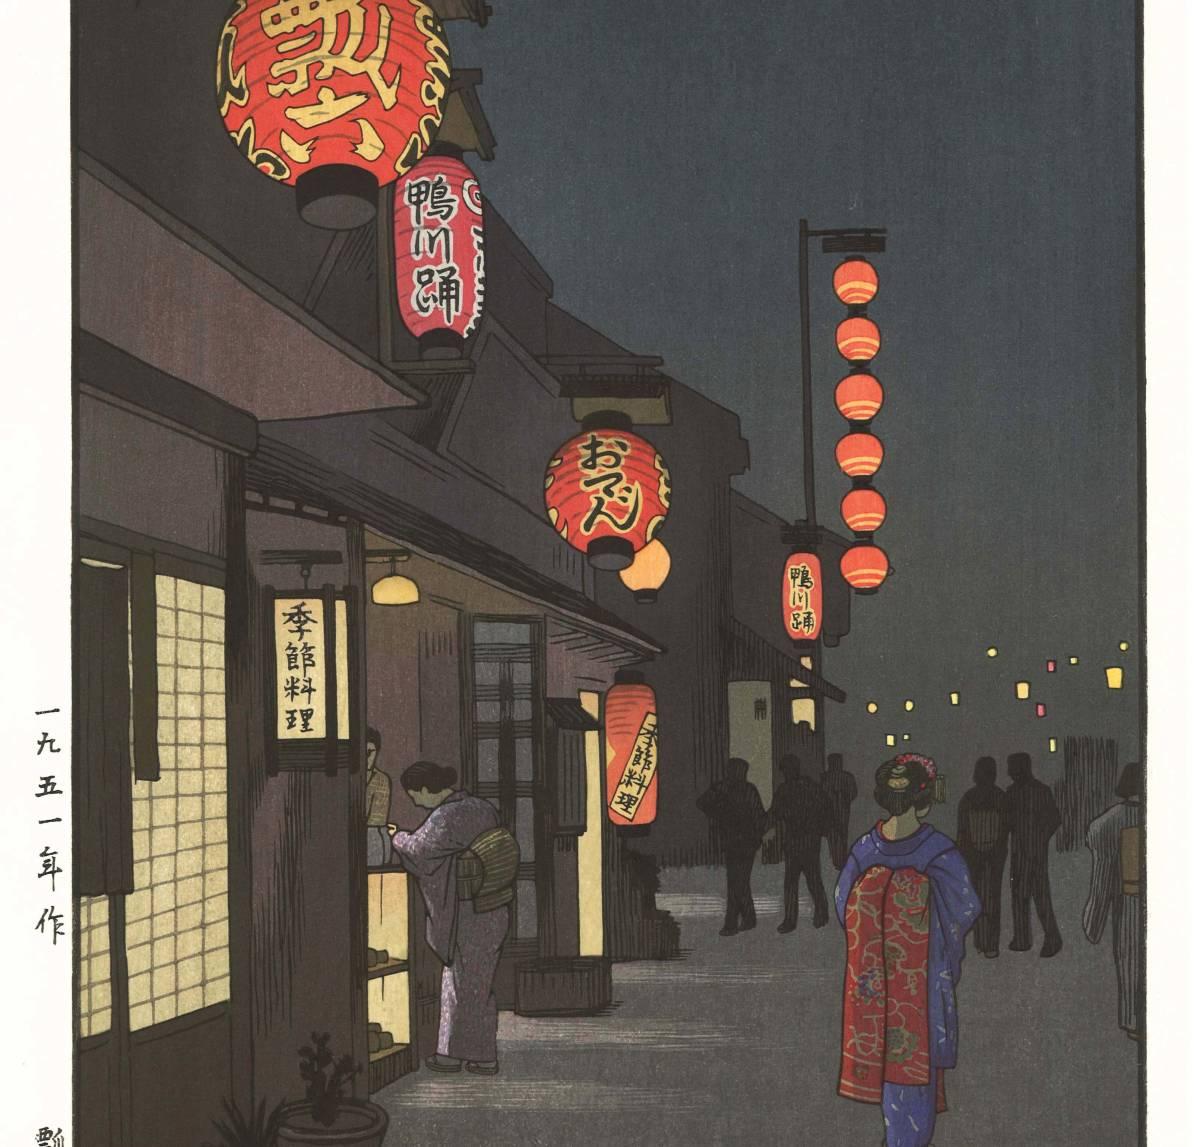 吉田遠志 木版画 018501 瓢六 (Hyoroku) 初摺1951年  最高峰の摺師の技をご堪能下さい!!_画像4